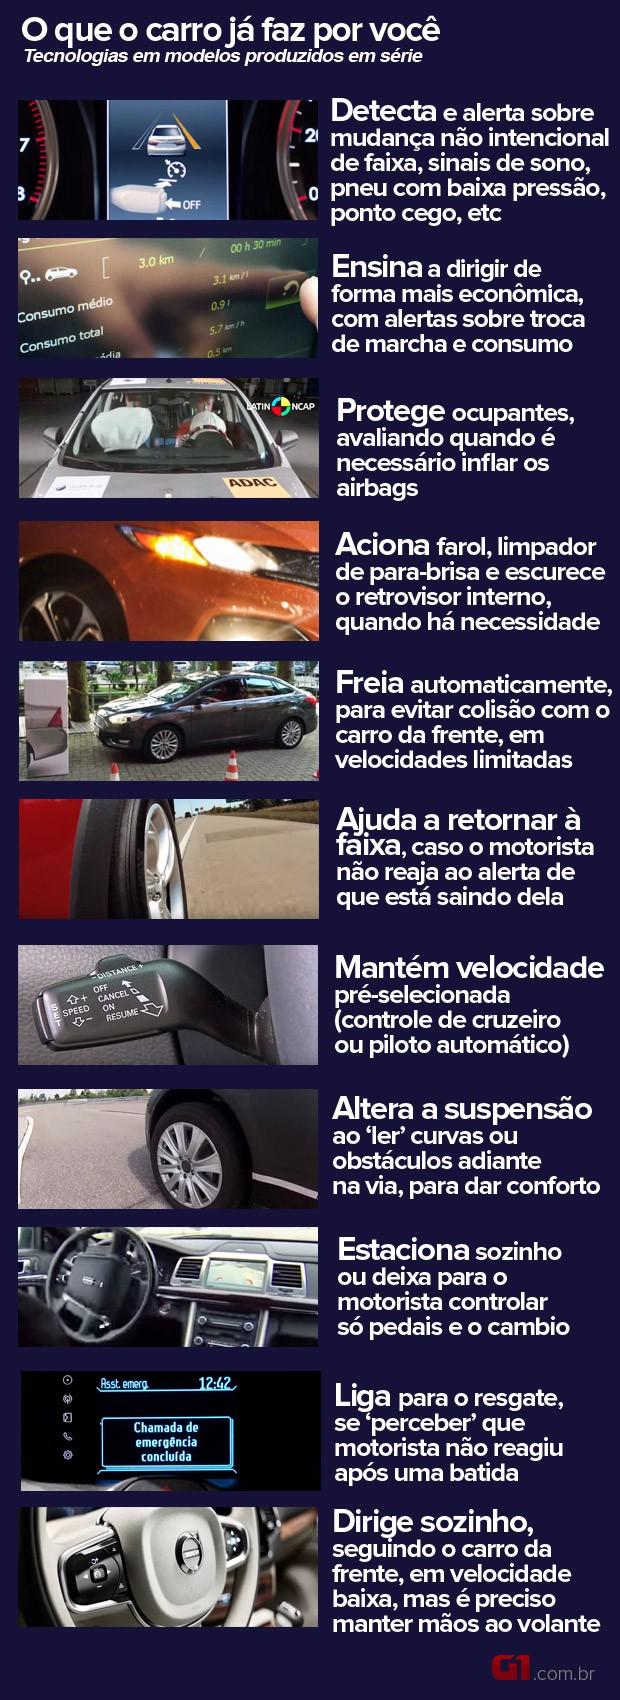 Veja o que o carro já faz (Foto: G1)